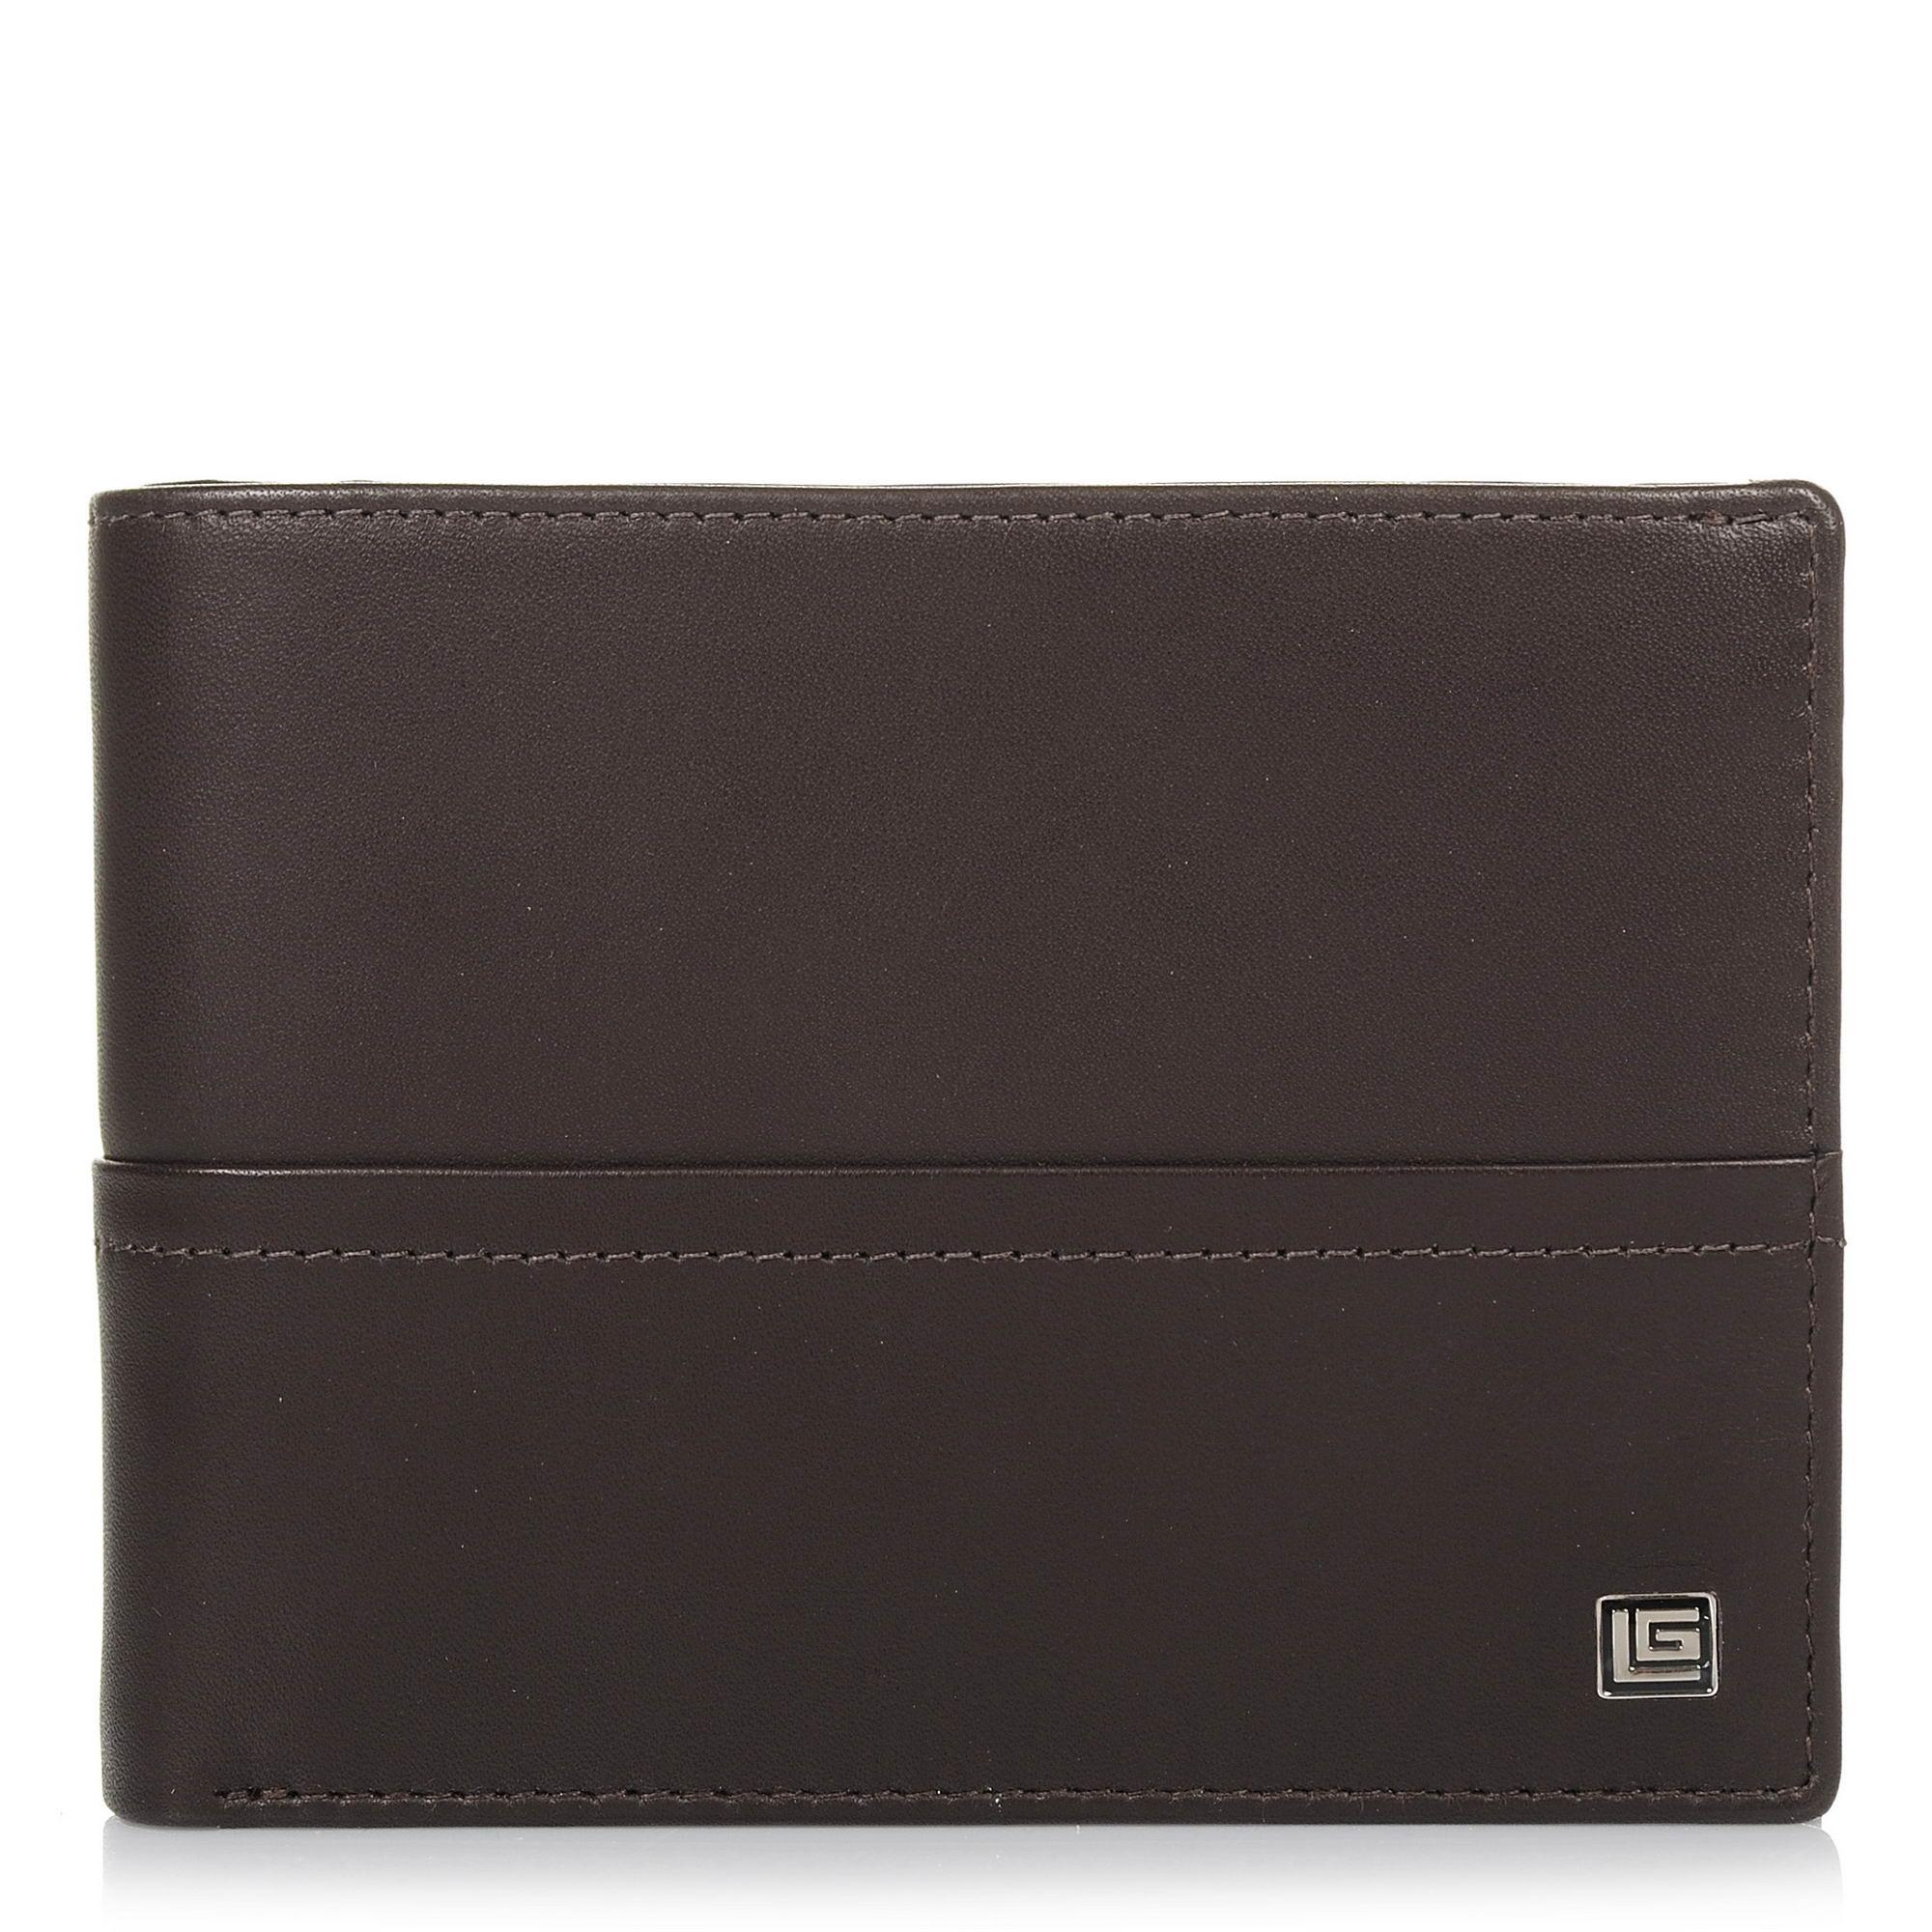 Δερμάτινο Πορτοφόλι Guy Laroche 63301 ανδρας   ανδρικό πορτοφόλι